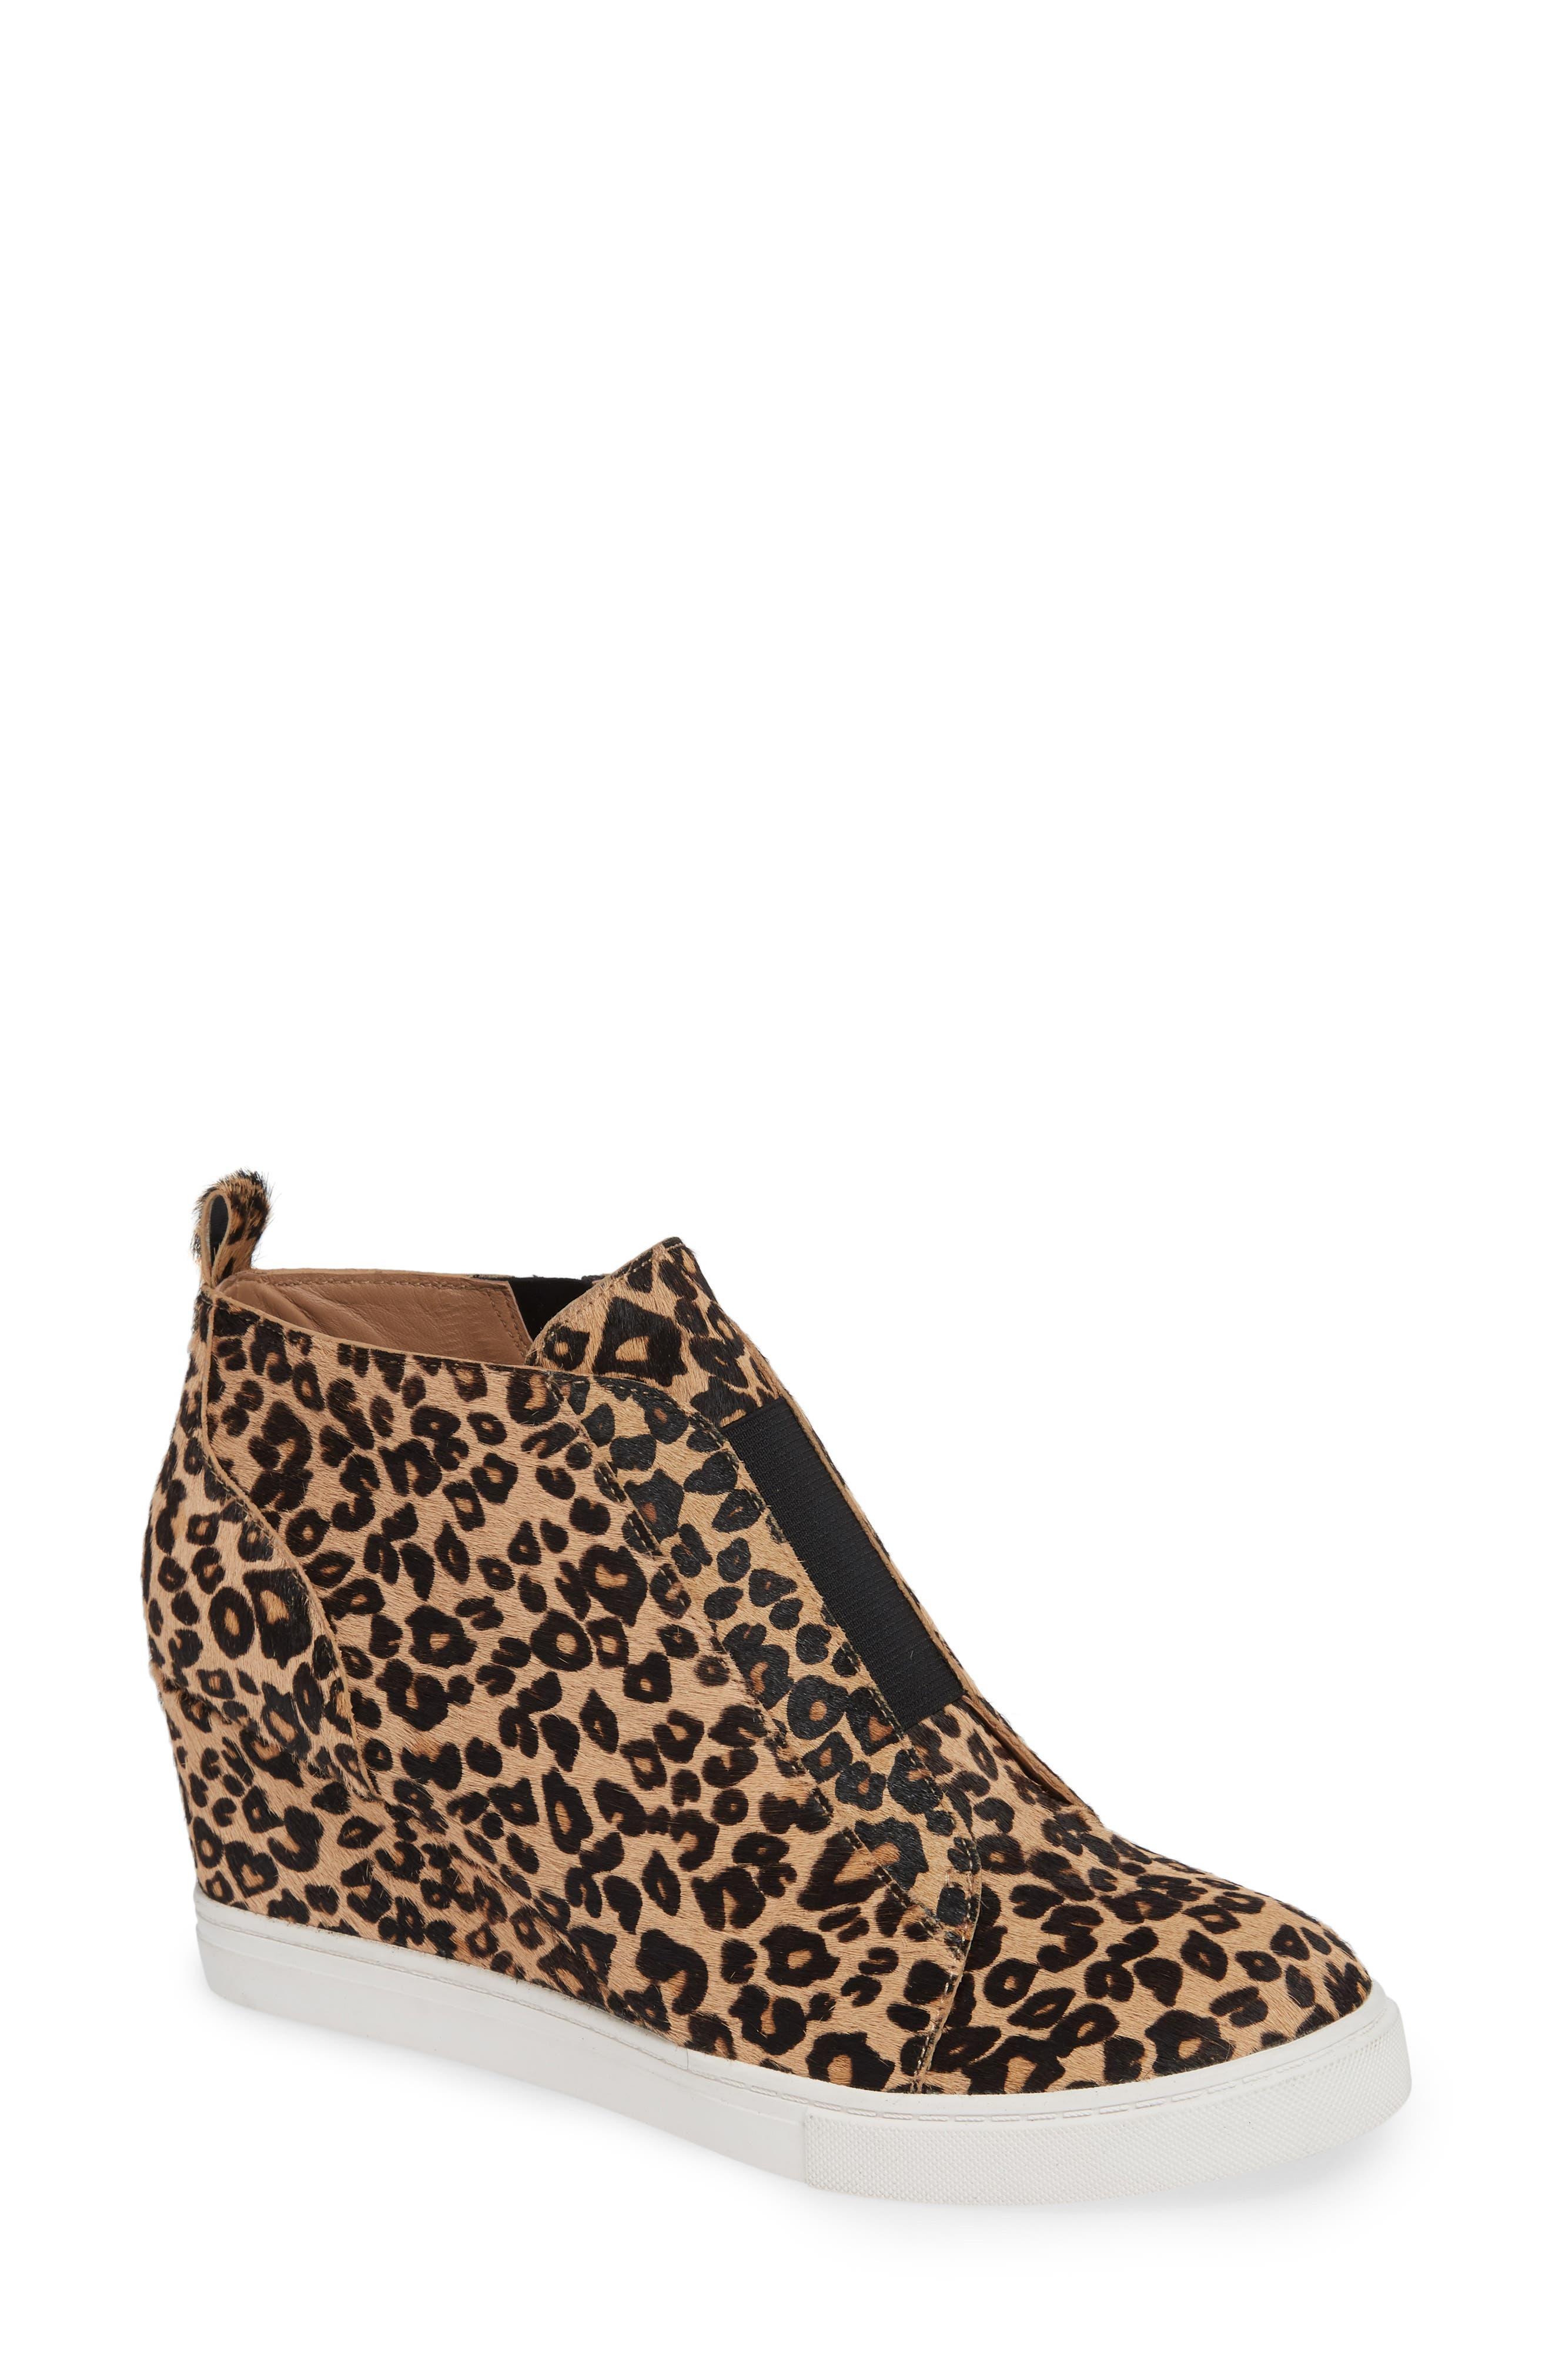 LINEA PAOLO Felicia III Genuine Calf Hair Wedge Sneaker, Main, color, LEOPARD PRINT HAIR CALF